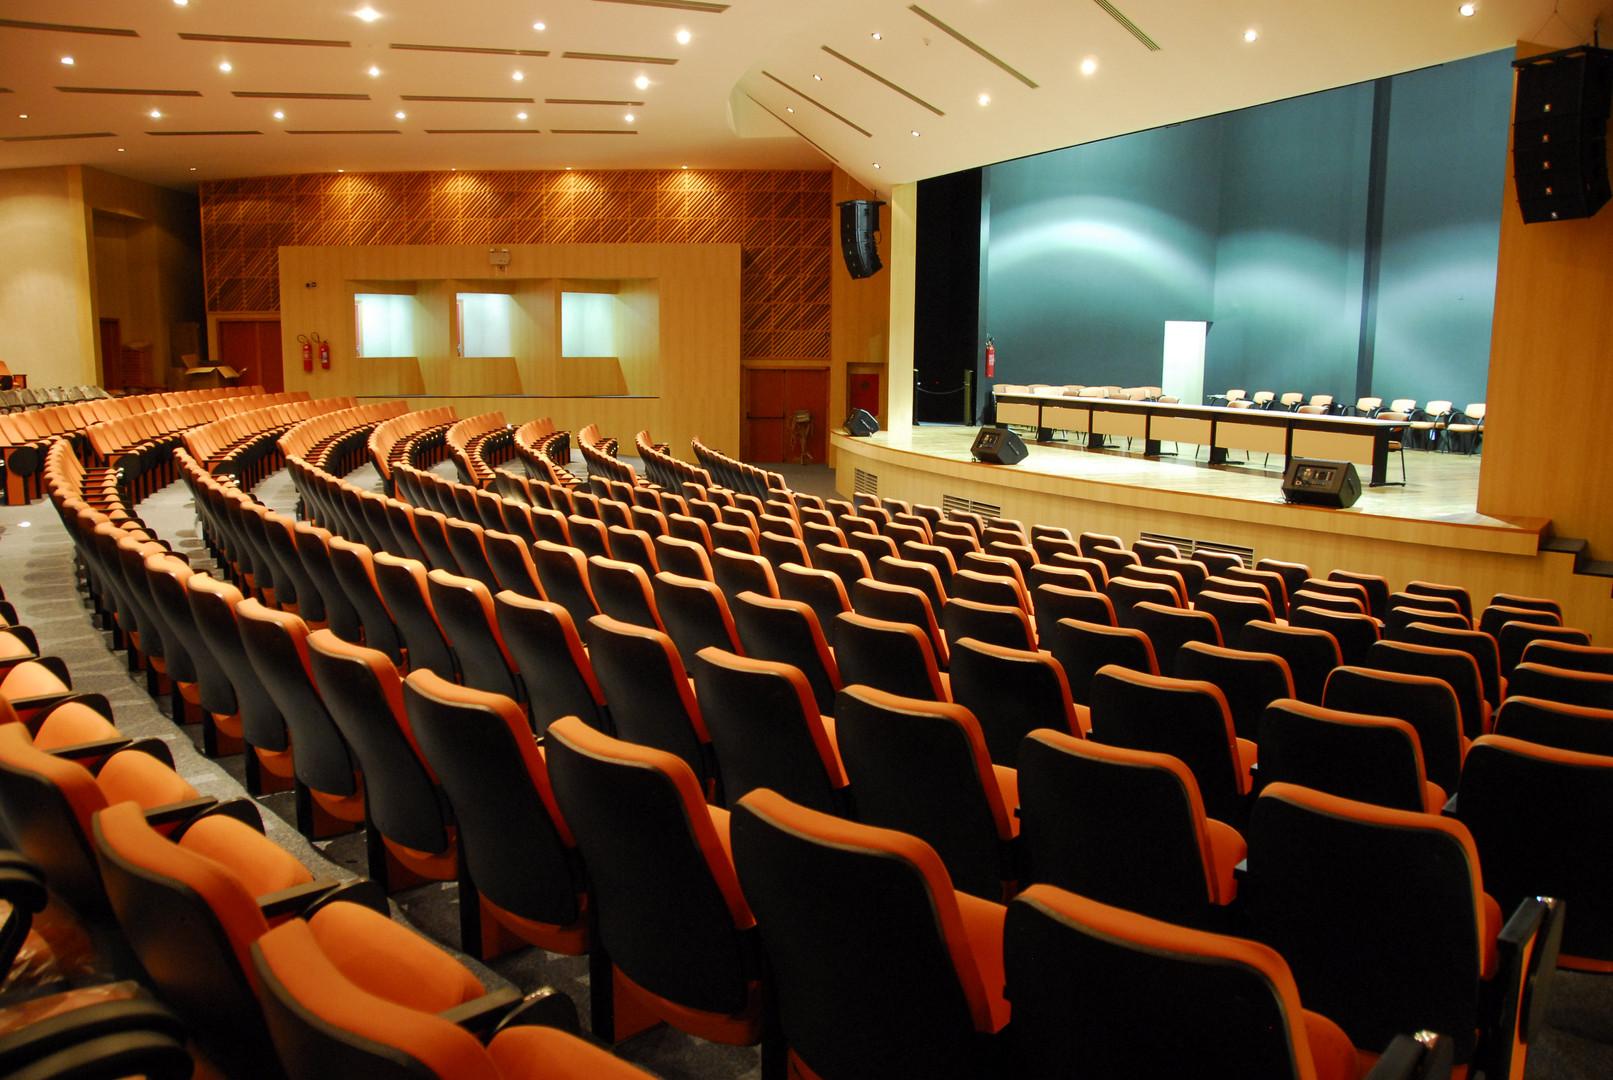 Novo_Auditorio_da_UFPA-_Foto-_Mácio_Fer